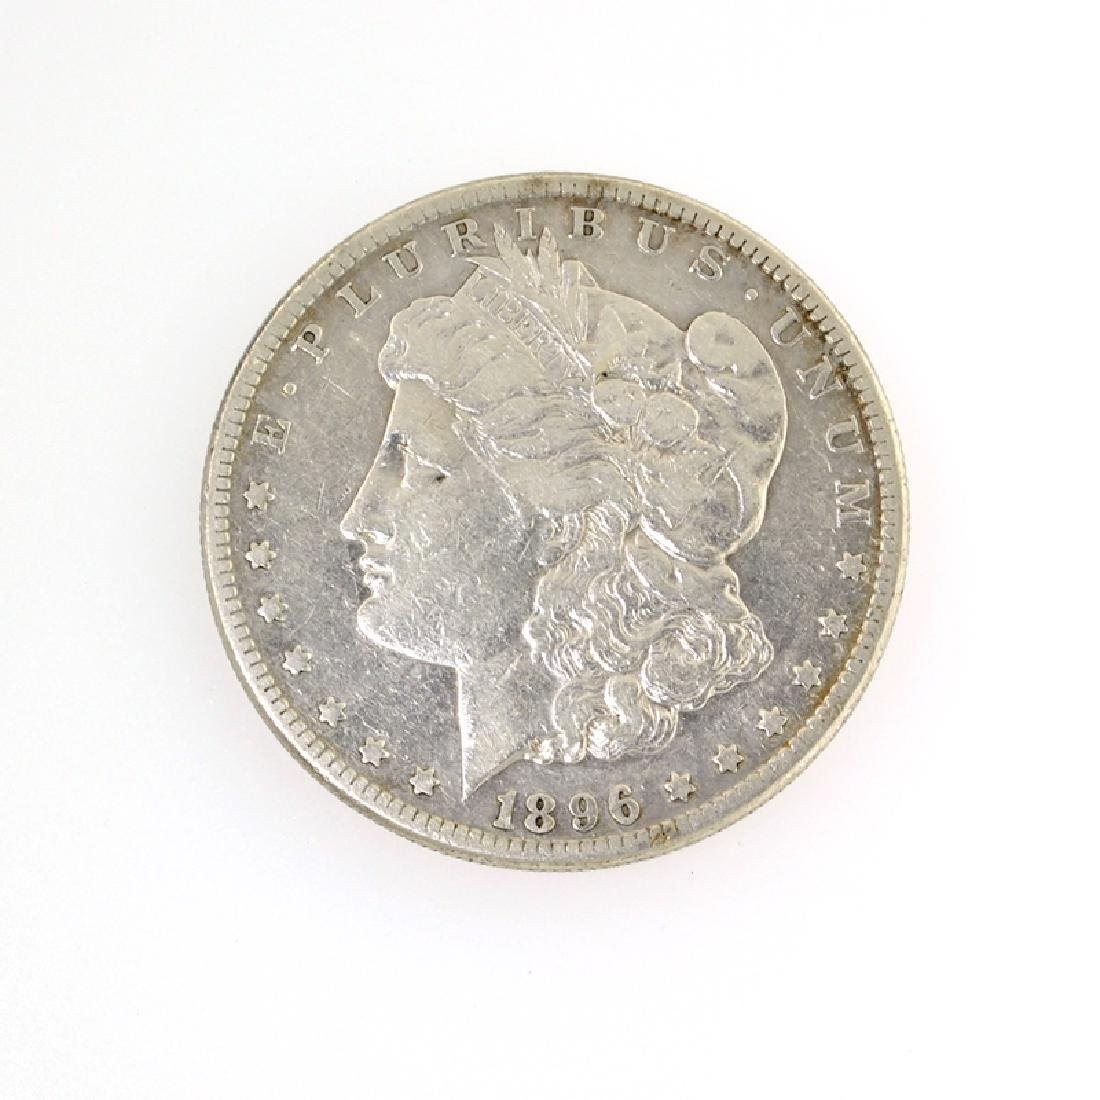 1896-S Morgan Silver Dollar Coin